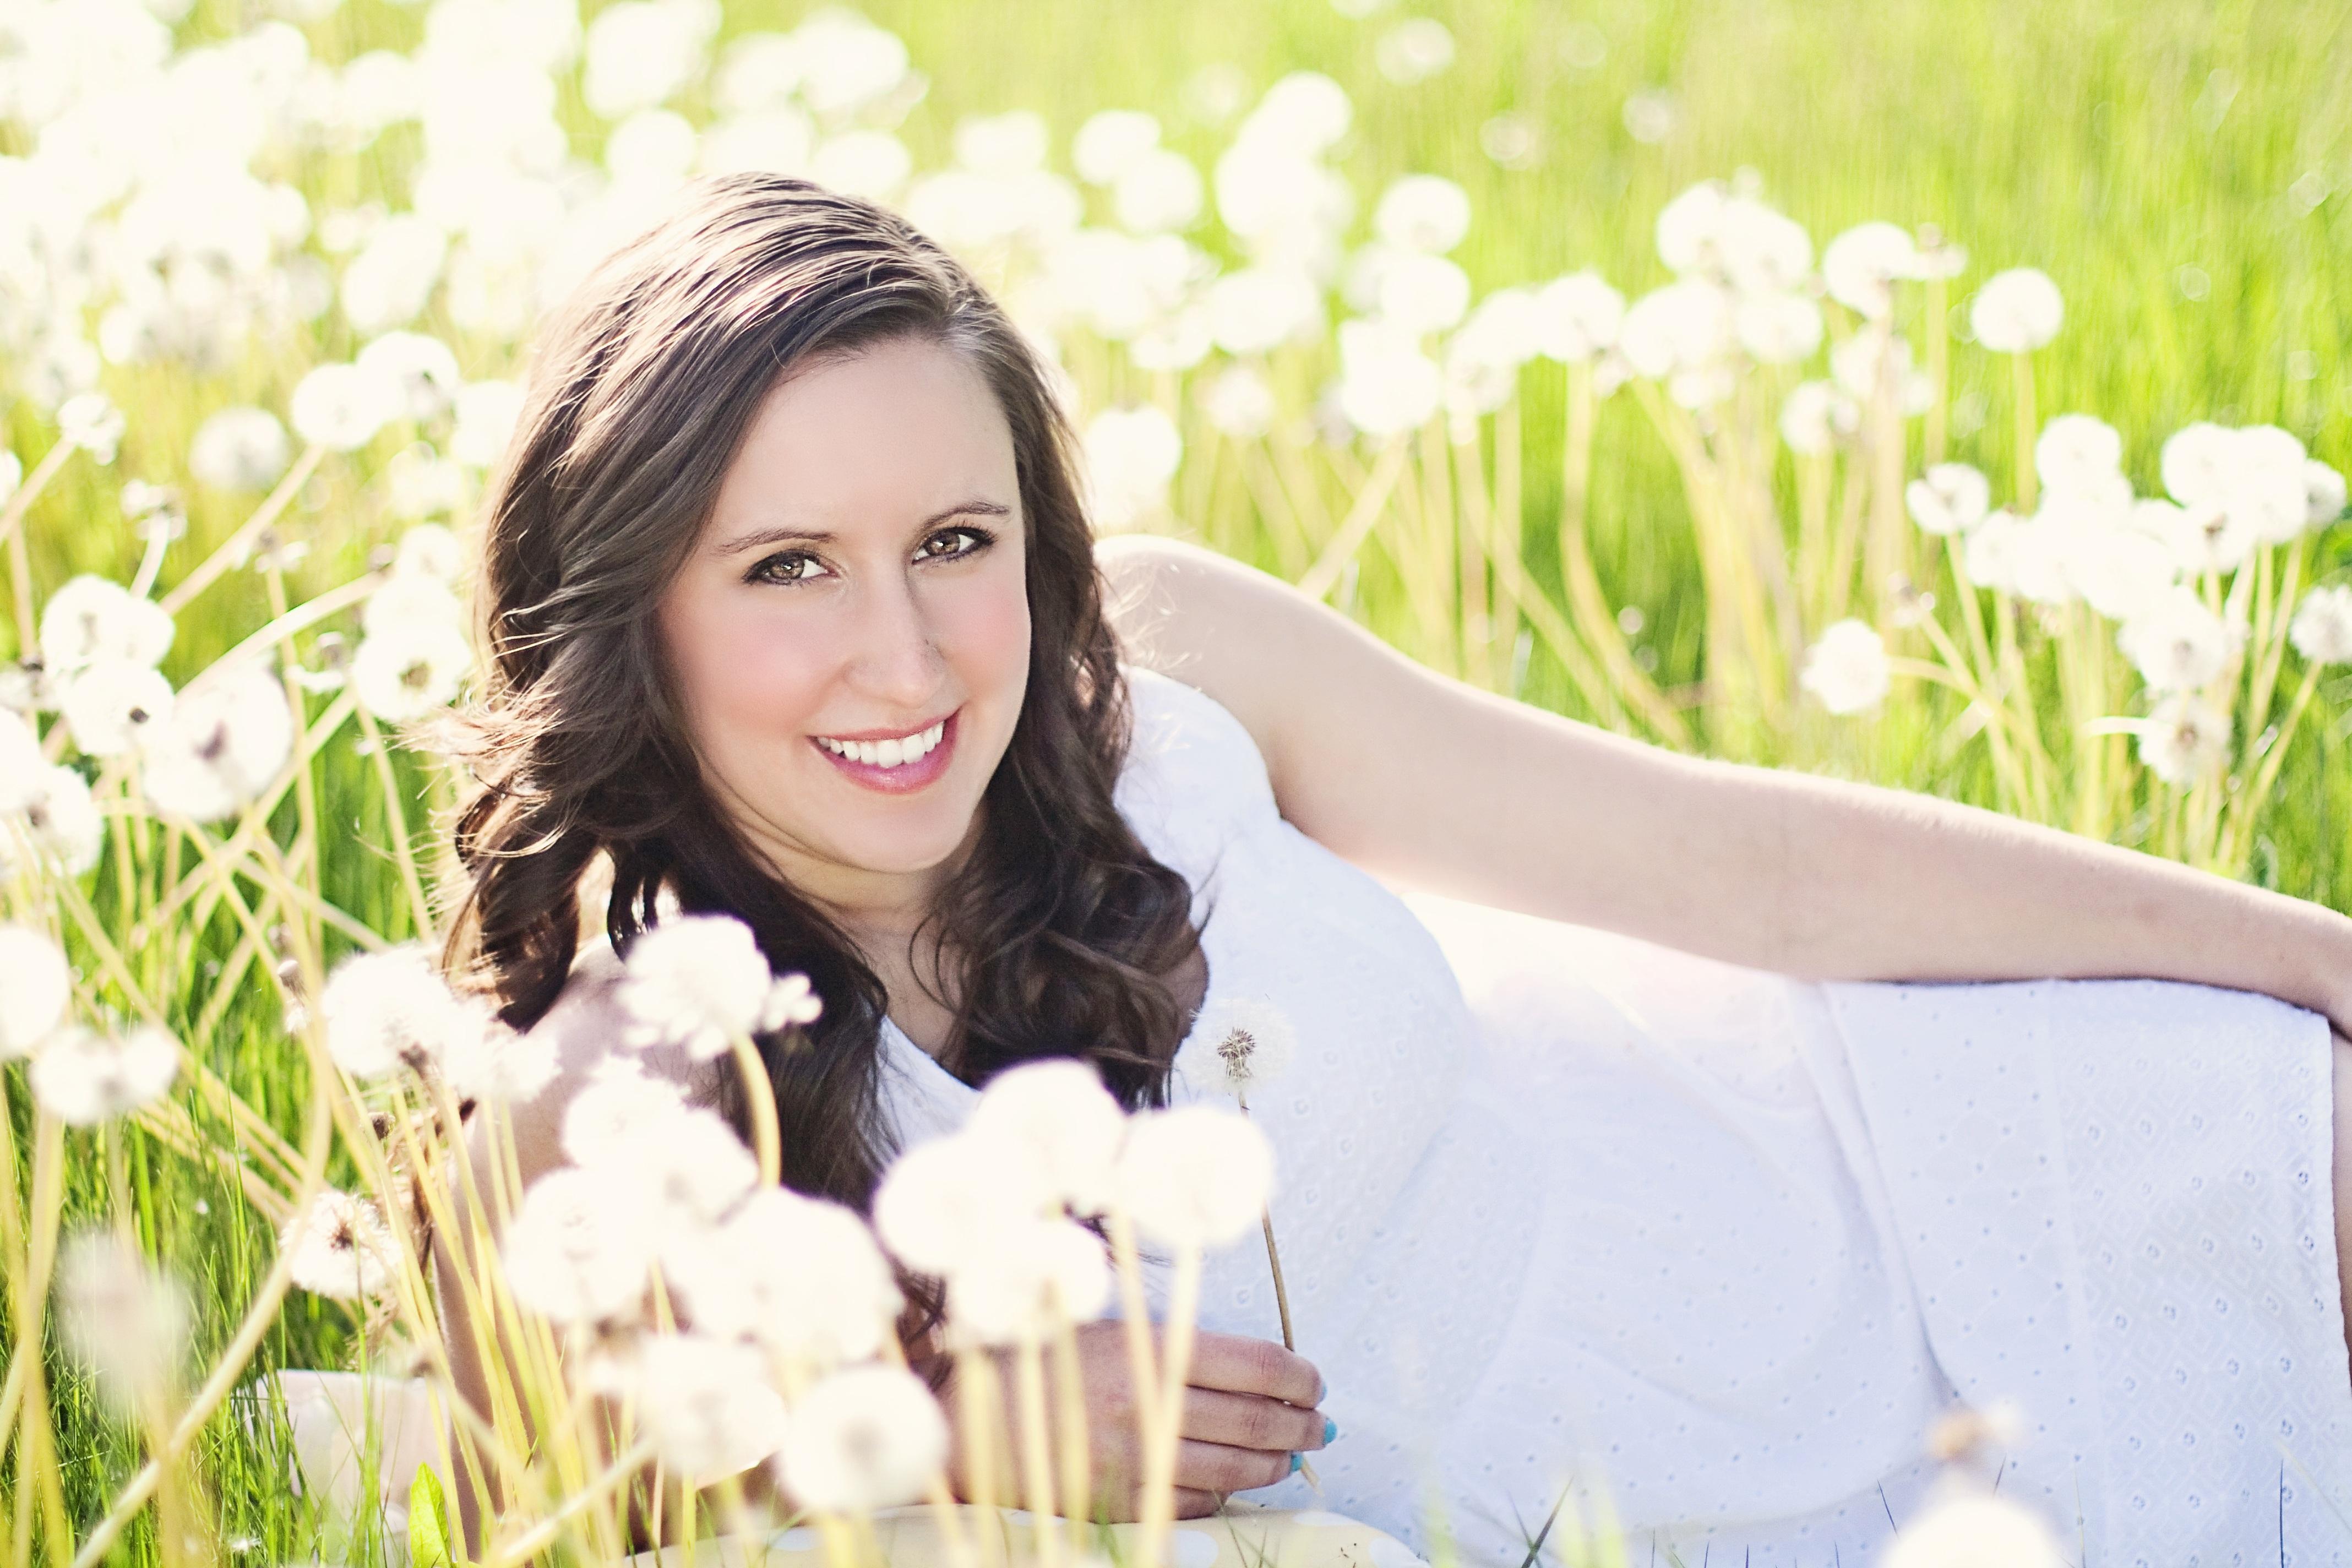 ea634d4e6 niña mujer fotografía prado flor verano joven primavera romance novia  soleado ceremonia contento fotografía Dientes de